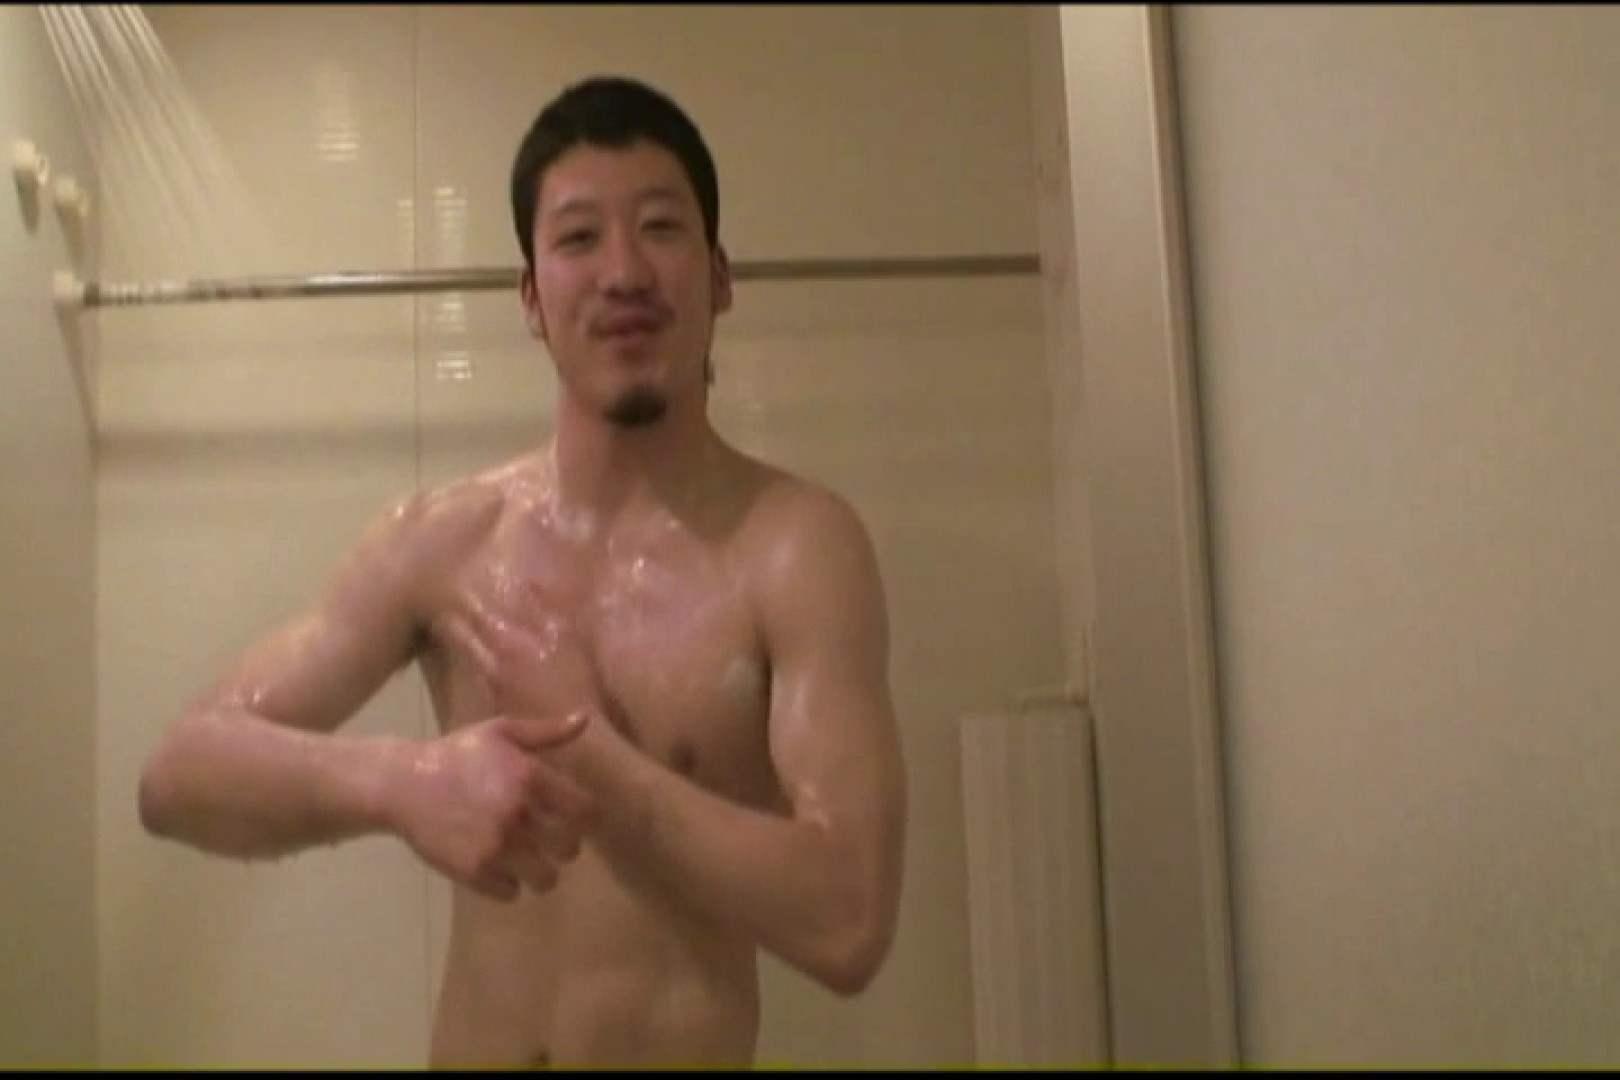 バスケットメンGプレイ! ゲイの裸 ゲイアダルト画像 71枚 23